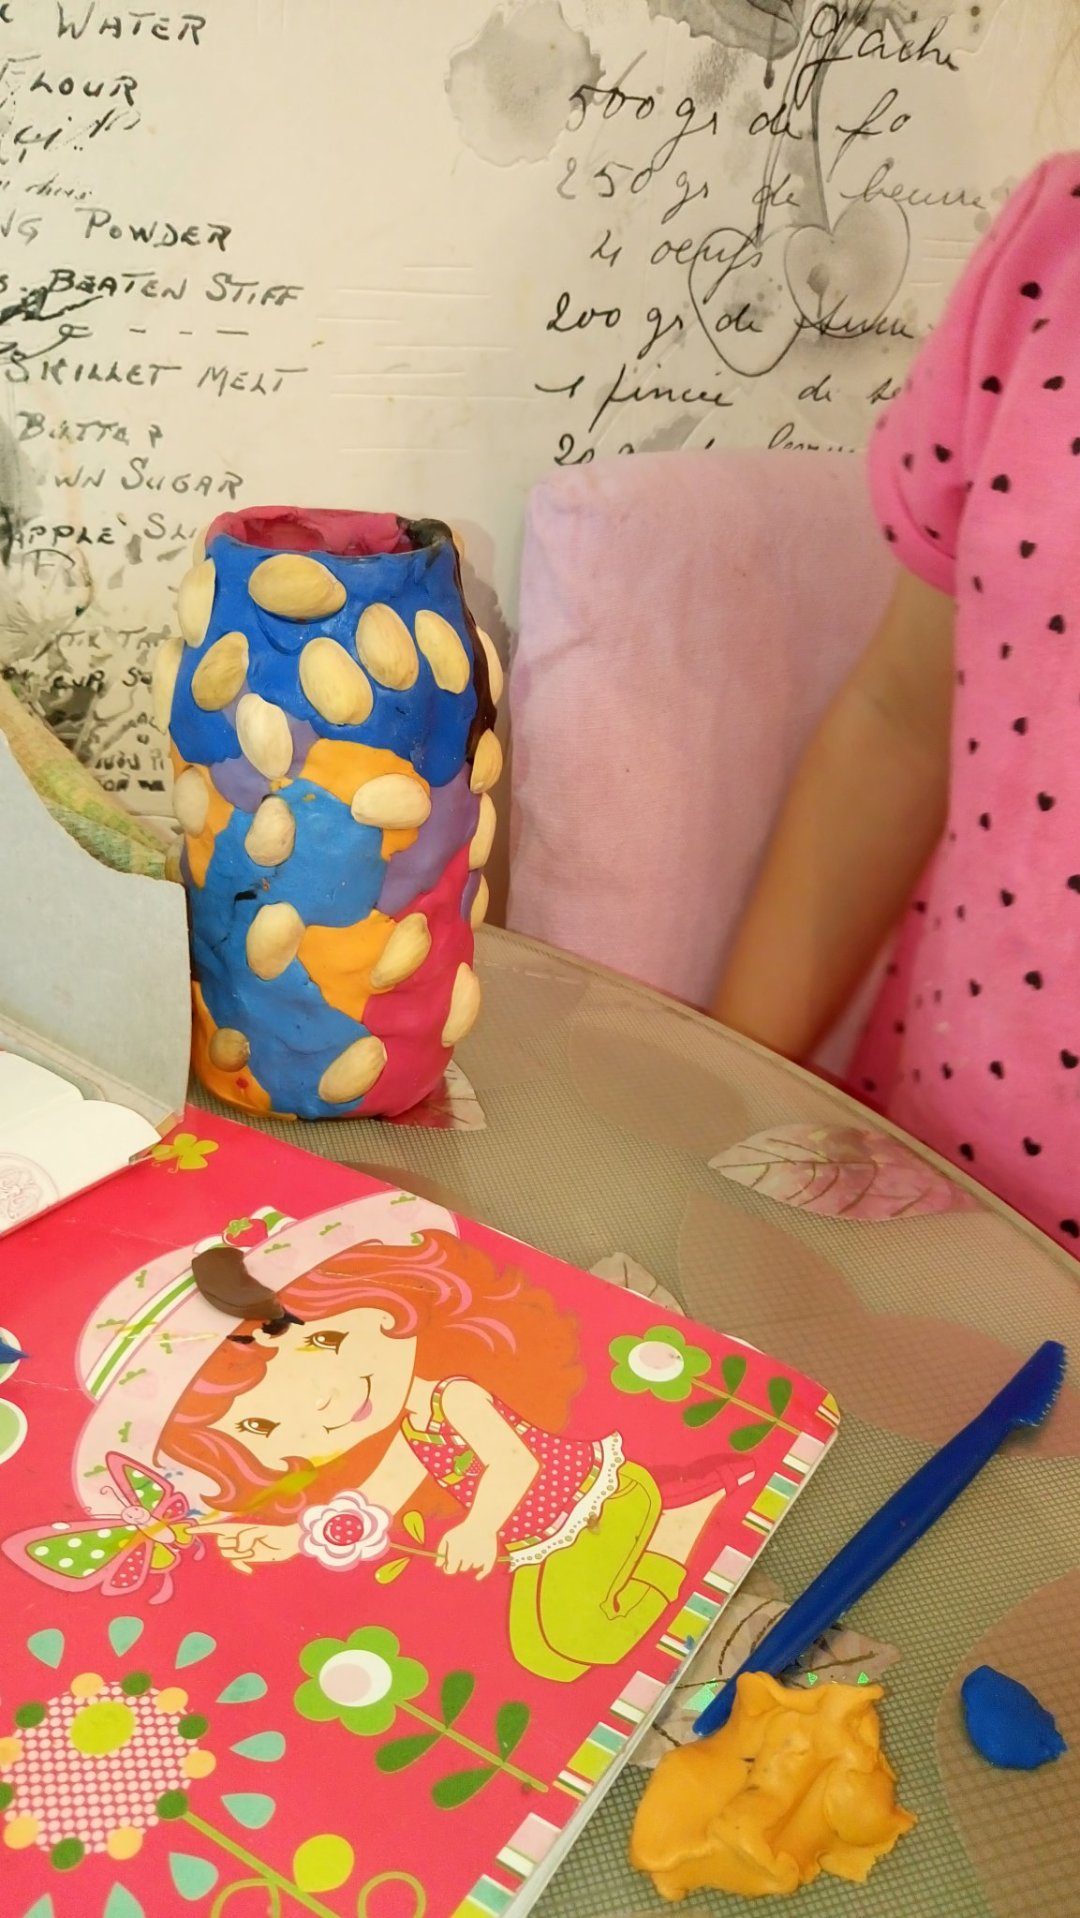 Отчёт по занятию Декорирование бутылки пластилином и ореховой скорлупой в Wachanga!